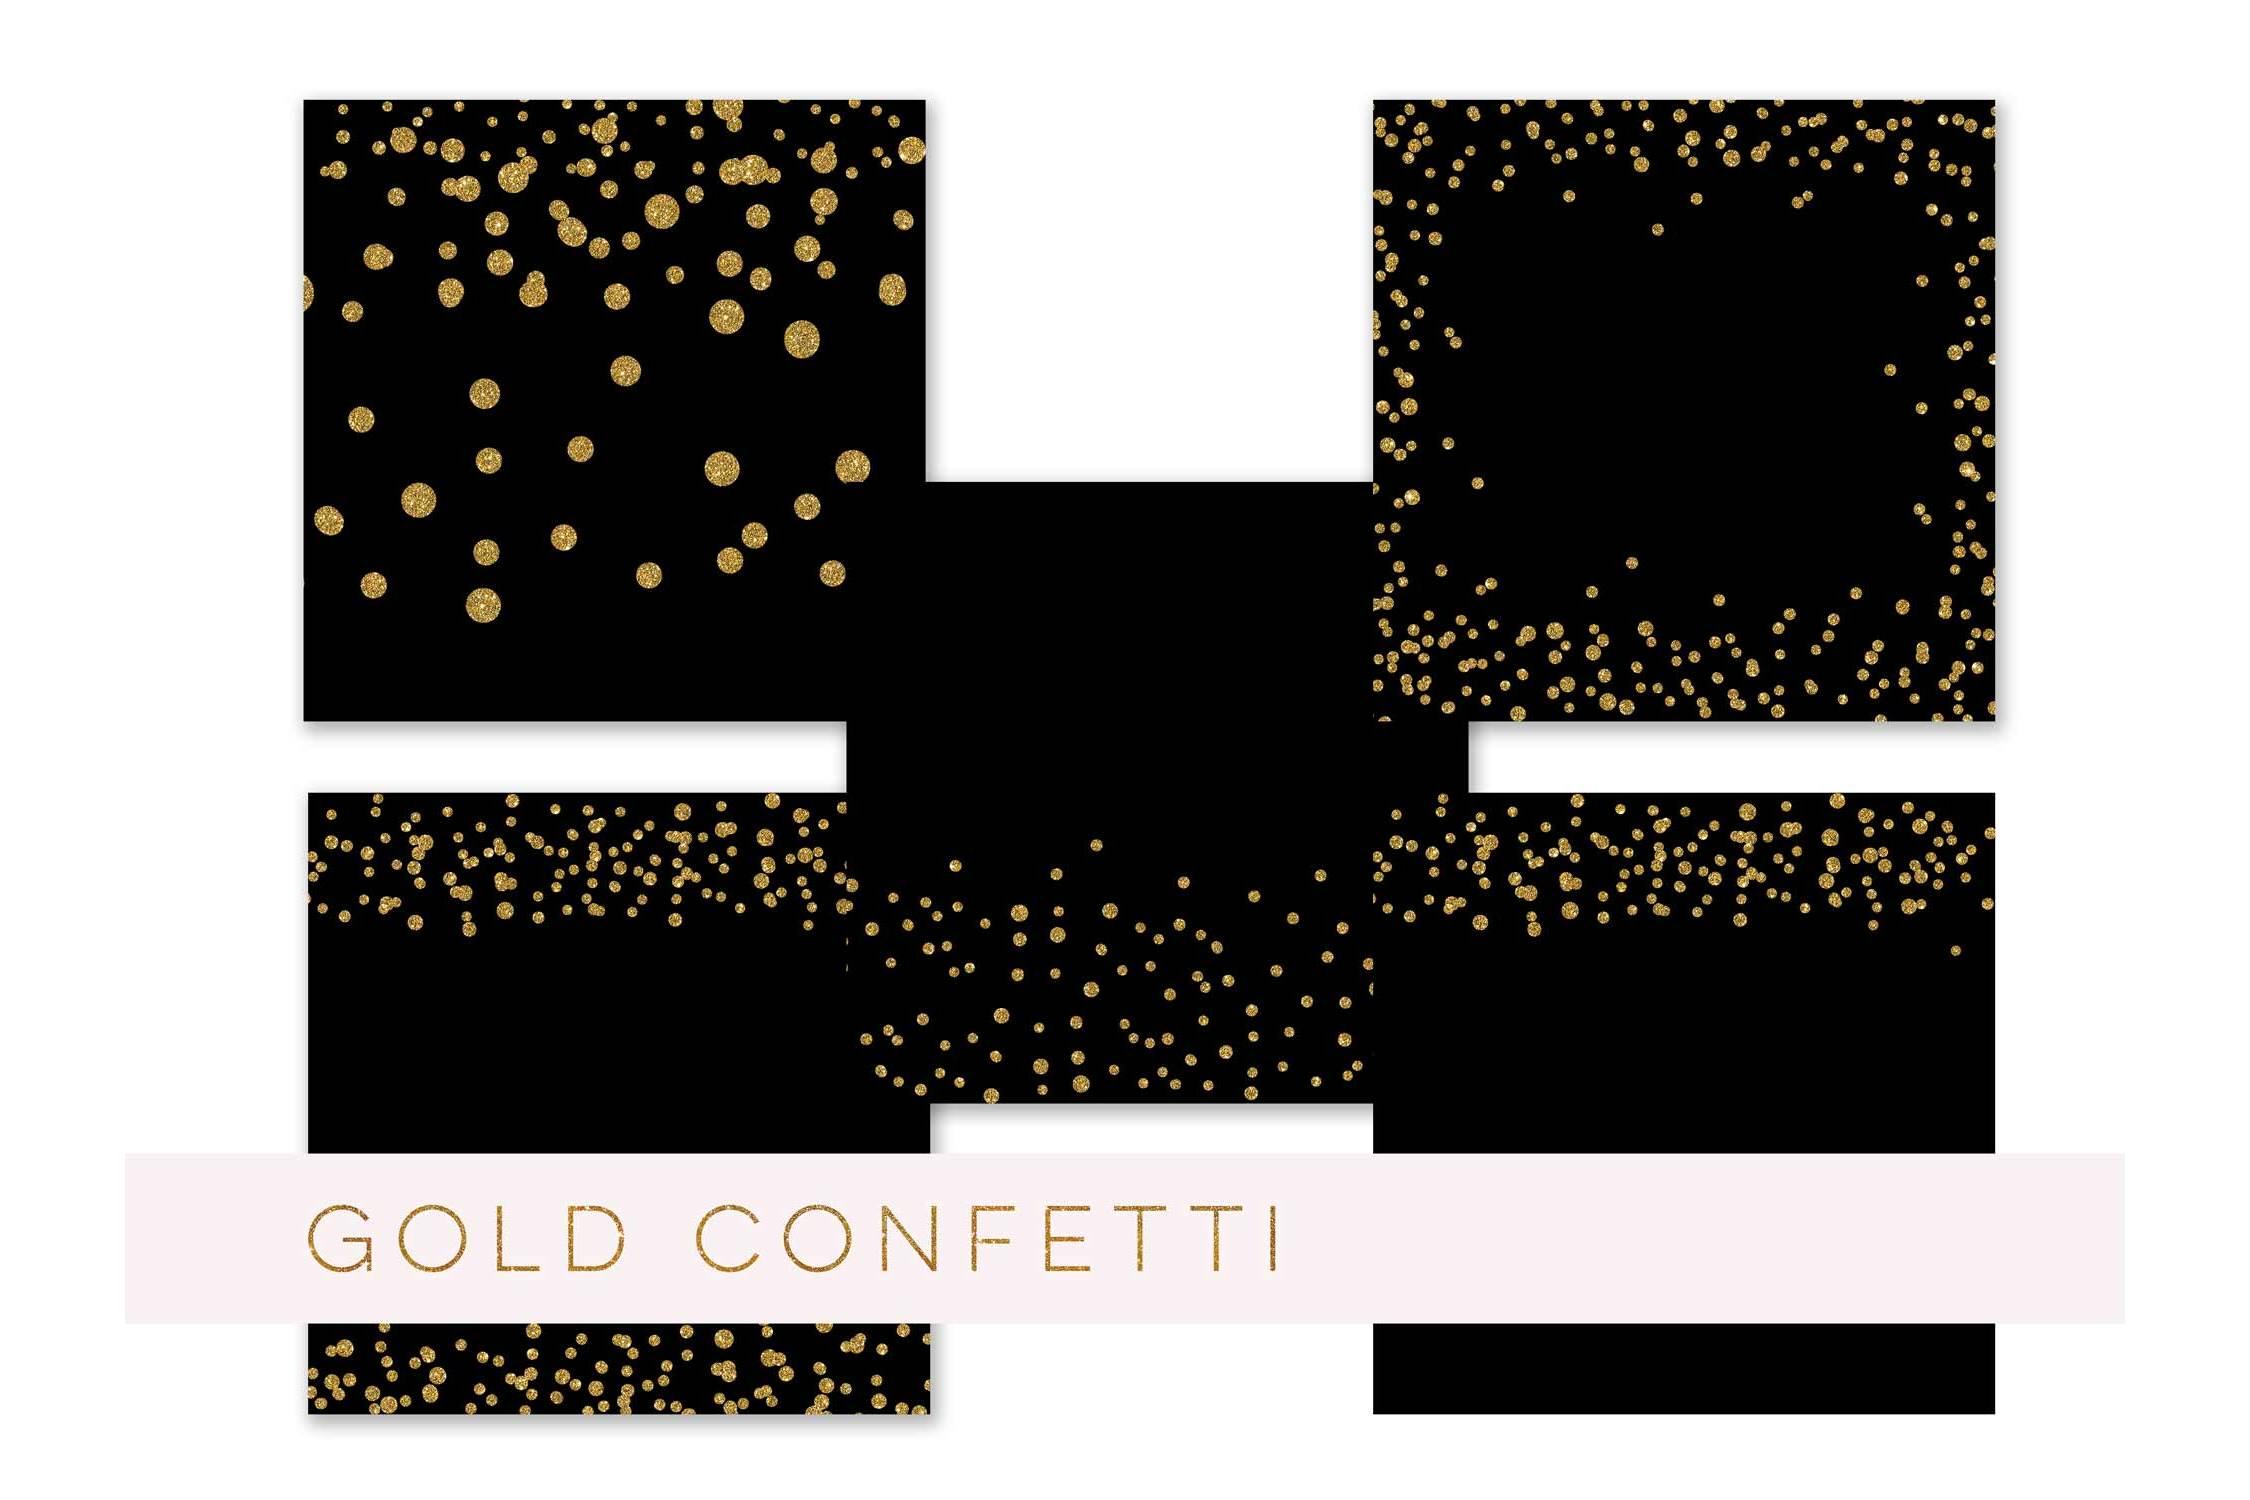 Confetti Clipart, Confetti Clip Art, Confetti Overlay, Black Gold Confetti Borders, Glitter Gold Confetti Graphics, Glitter Digital Confetti, commercial use example image 2